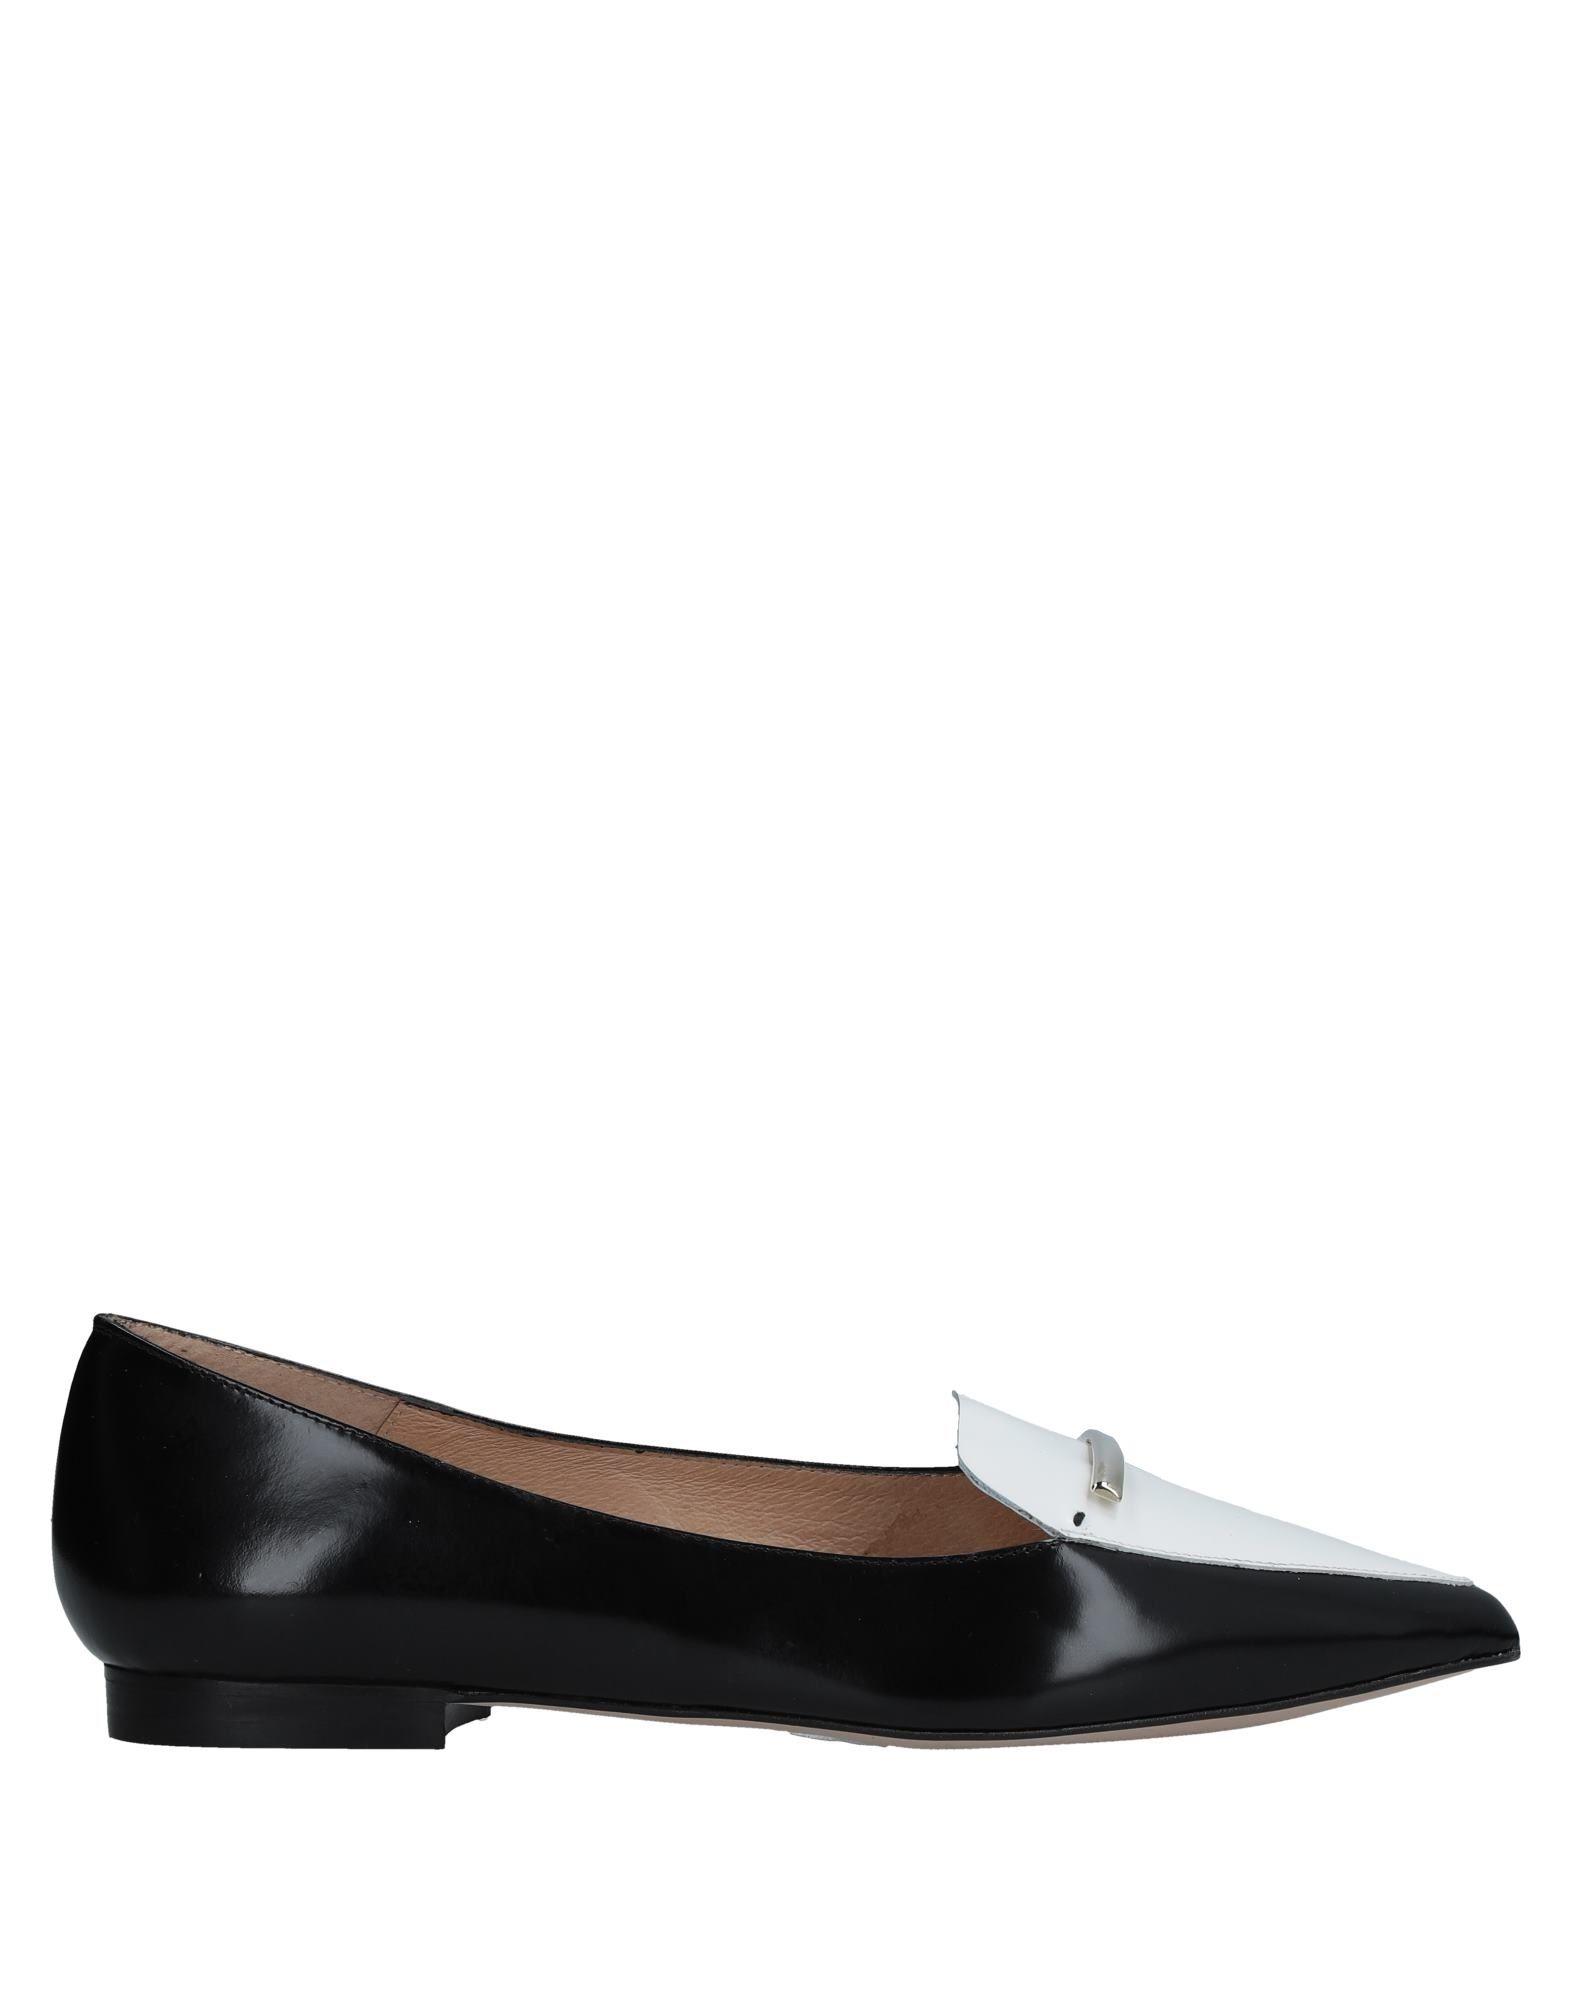 Hannibal Laguna Gute Mokassins Damen  11541765HX Gute Laguna Qualität beliebte Schuhe 772ff8